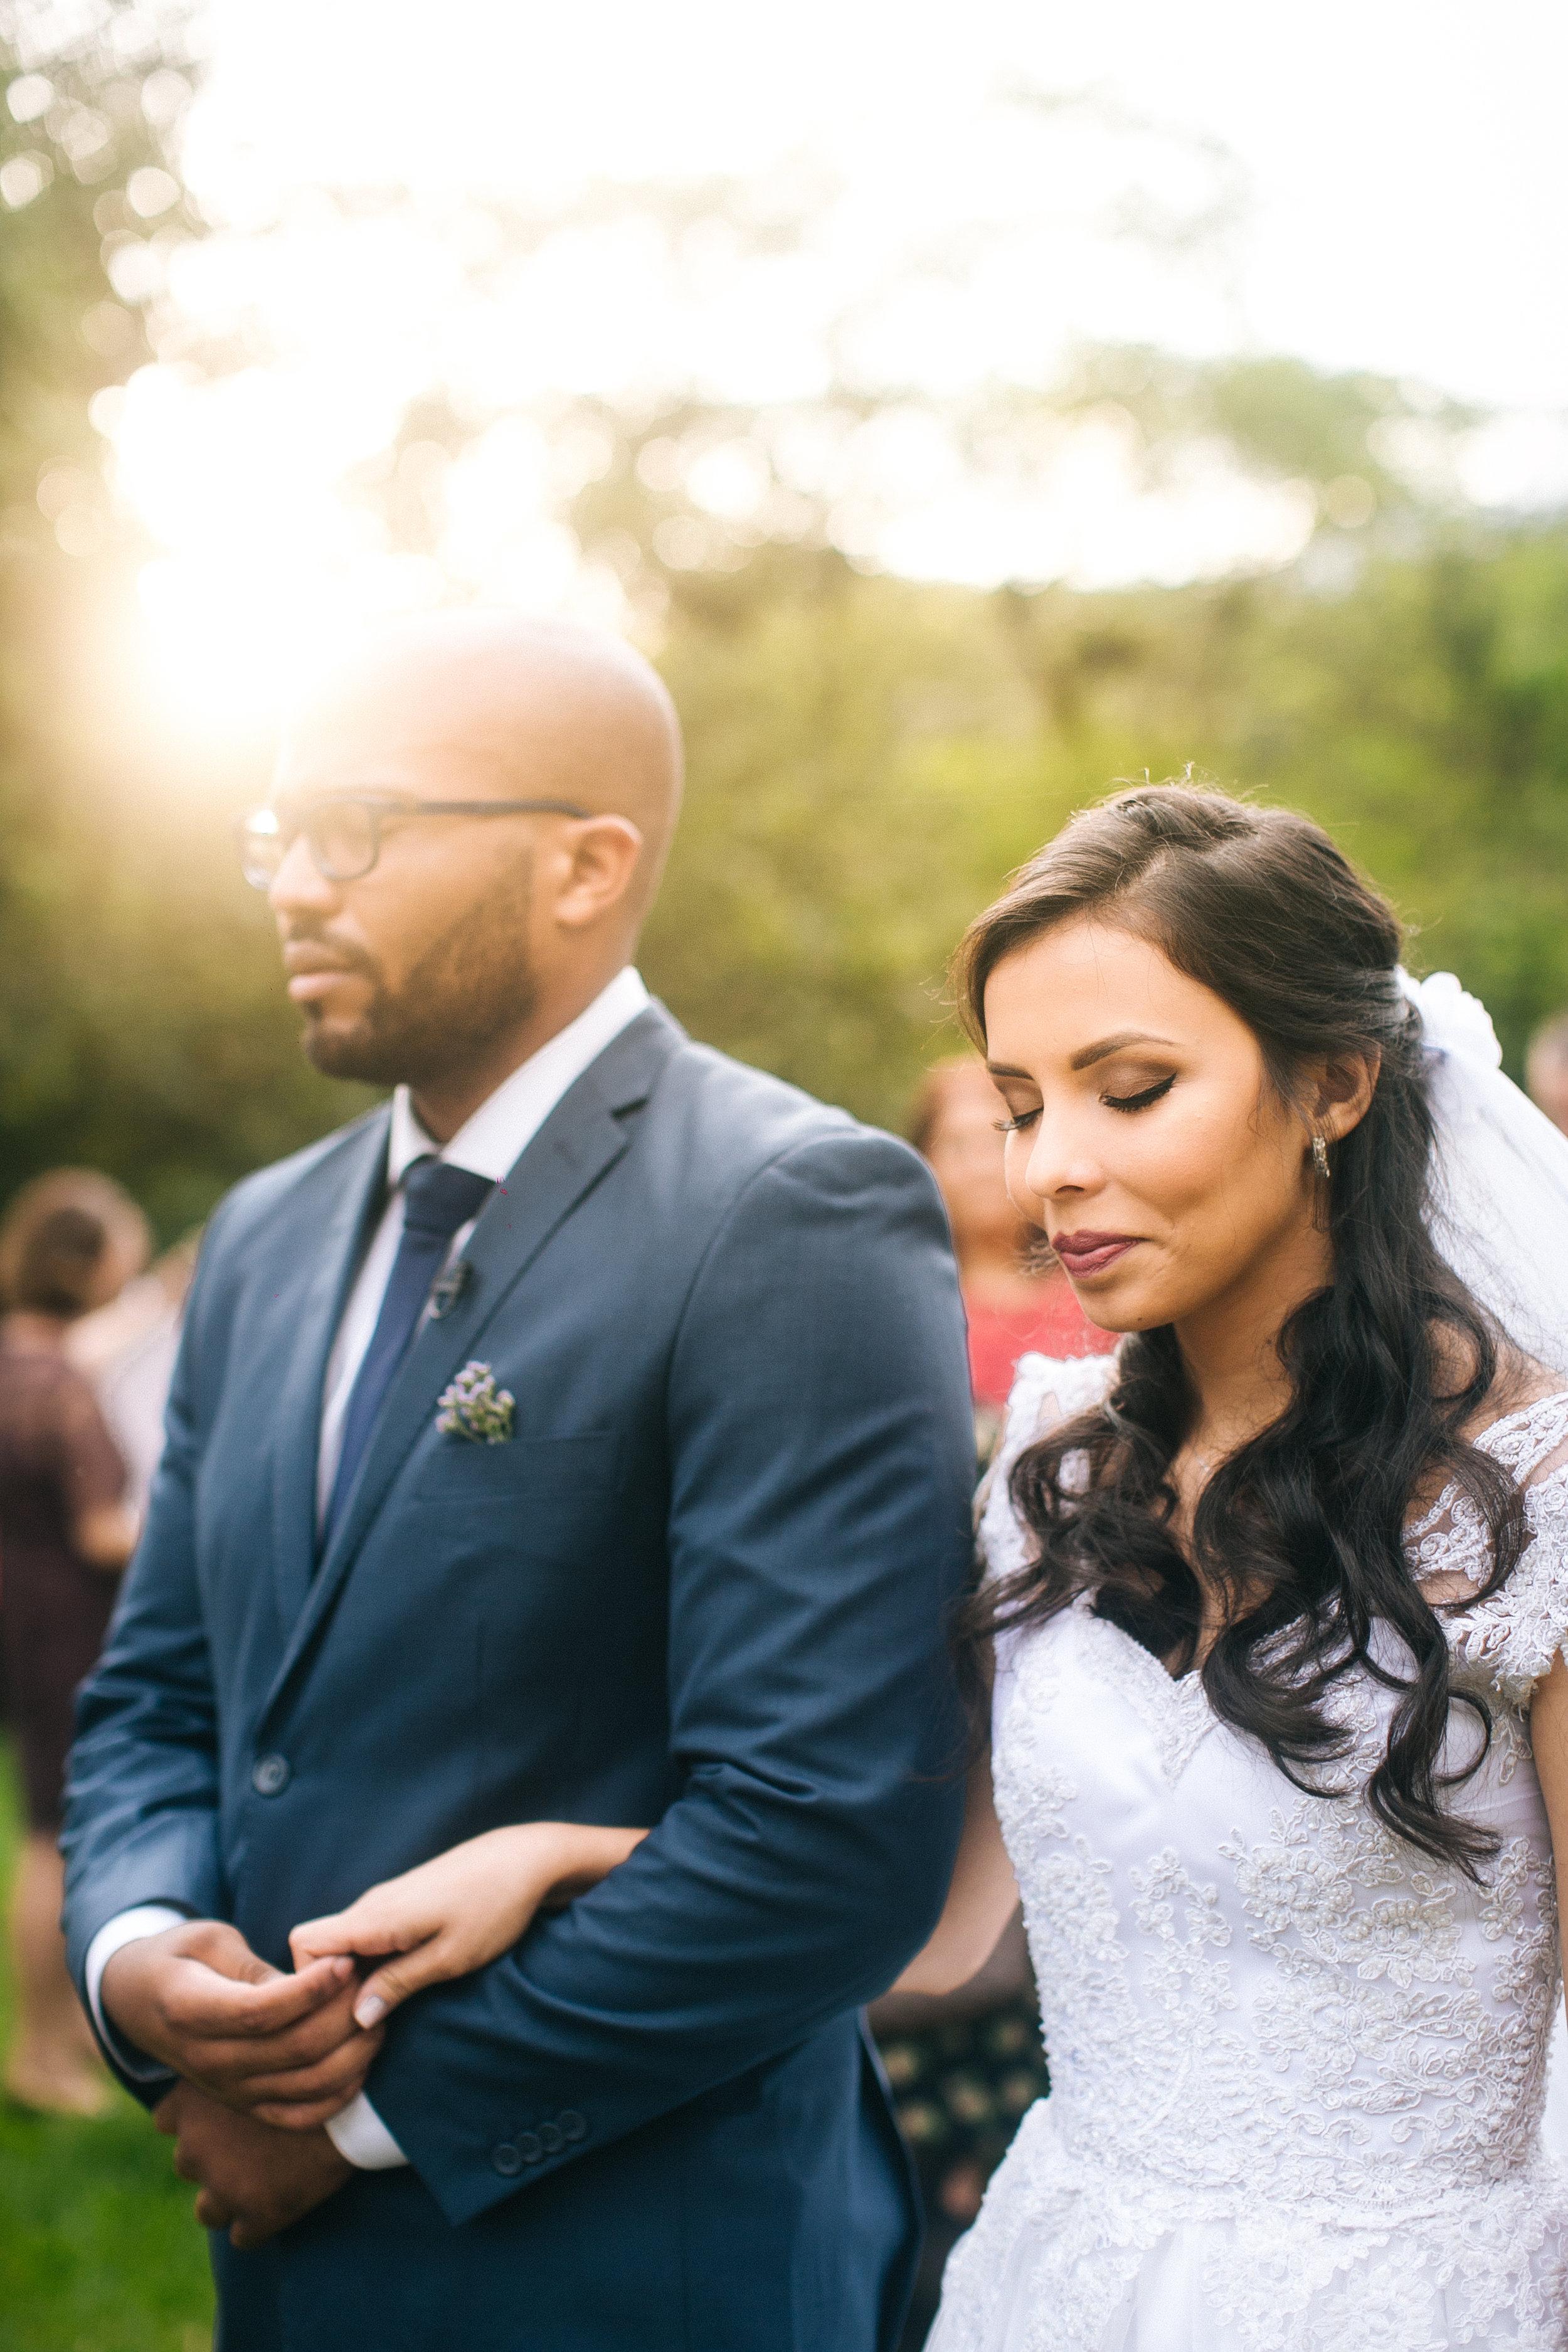 Larissa & Jonas - __________